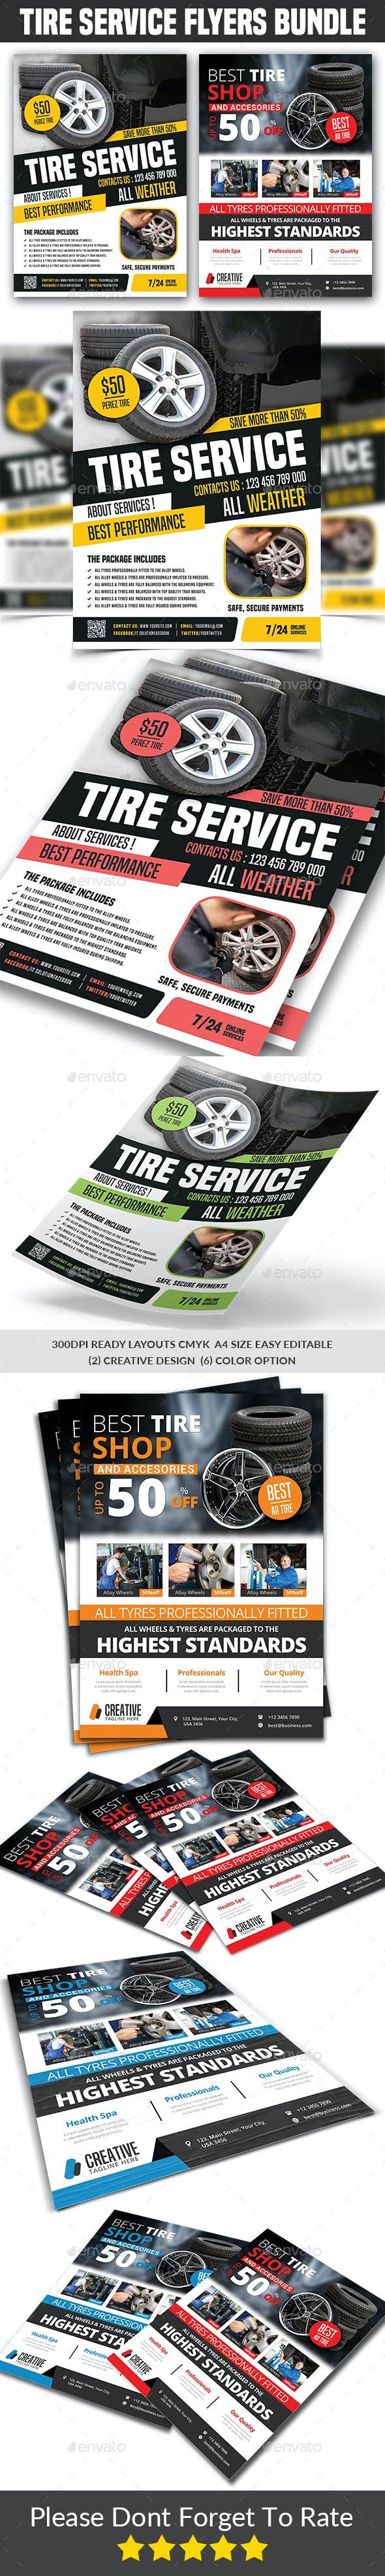 Tires Services Flyers Bundle